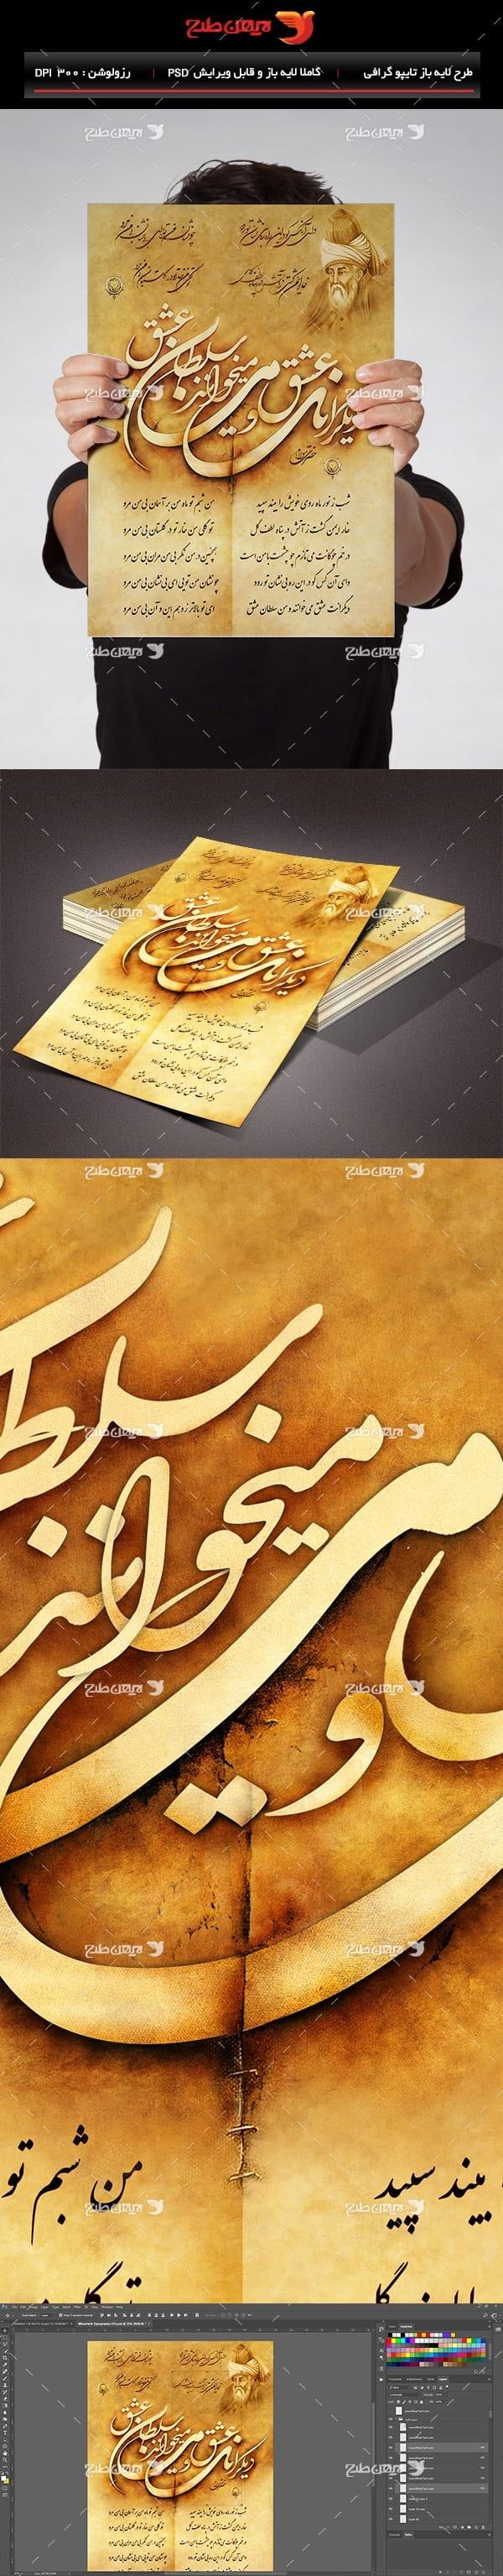 طرح لایه باز تایپوگرافی و خطاطی شعر مولانا